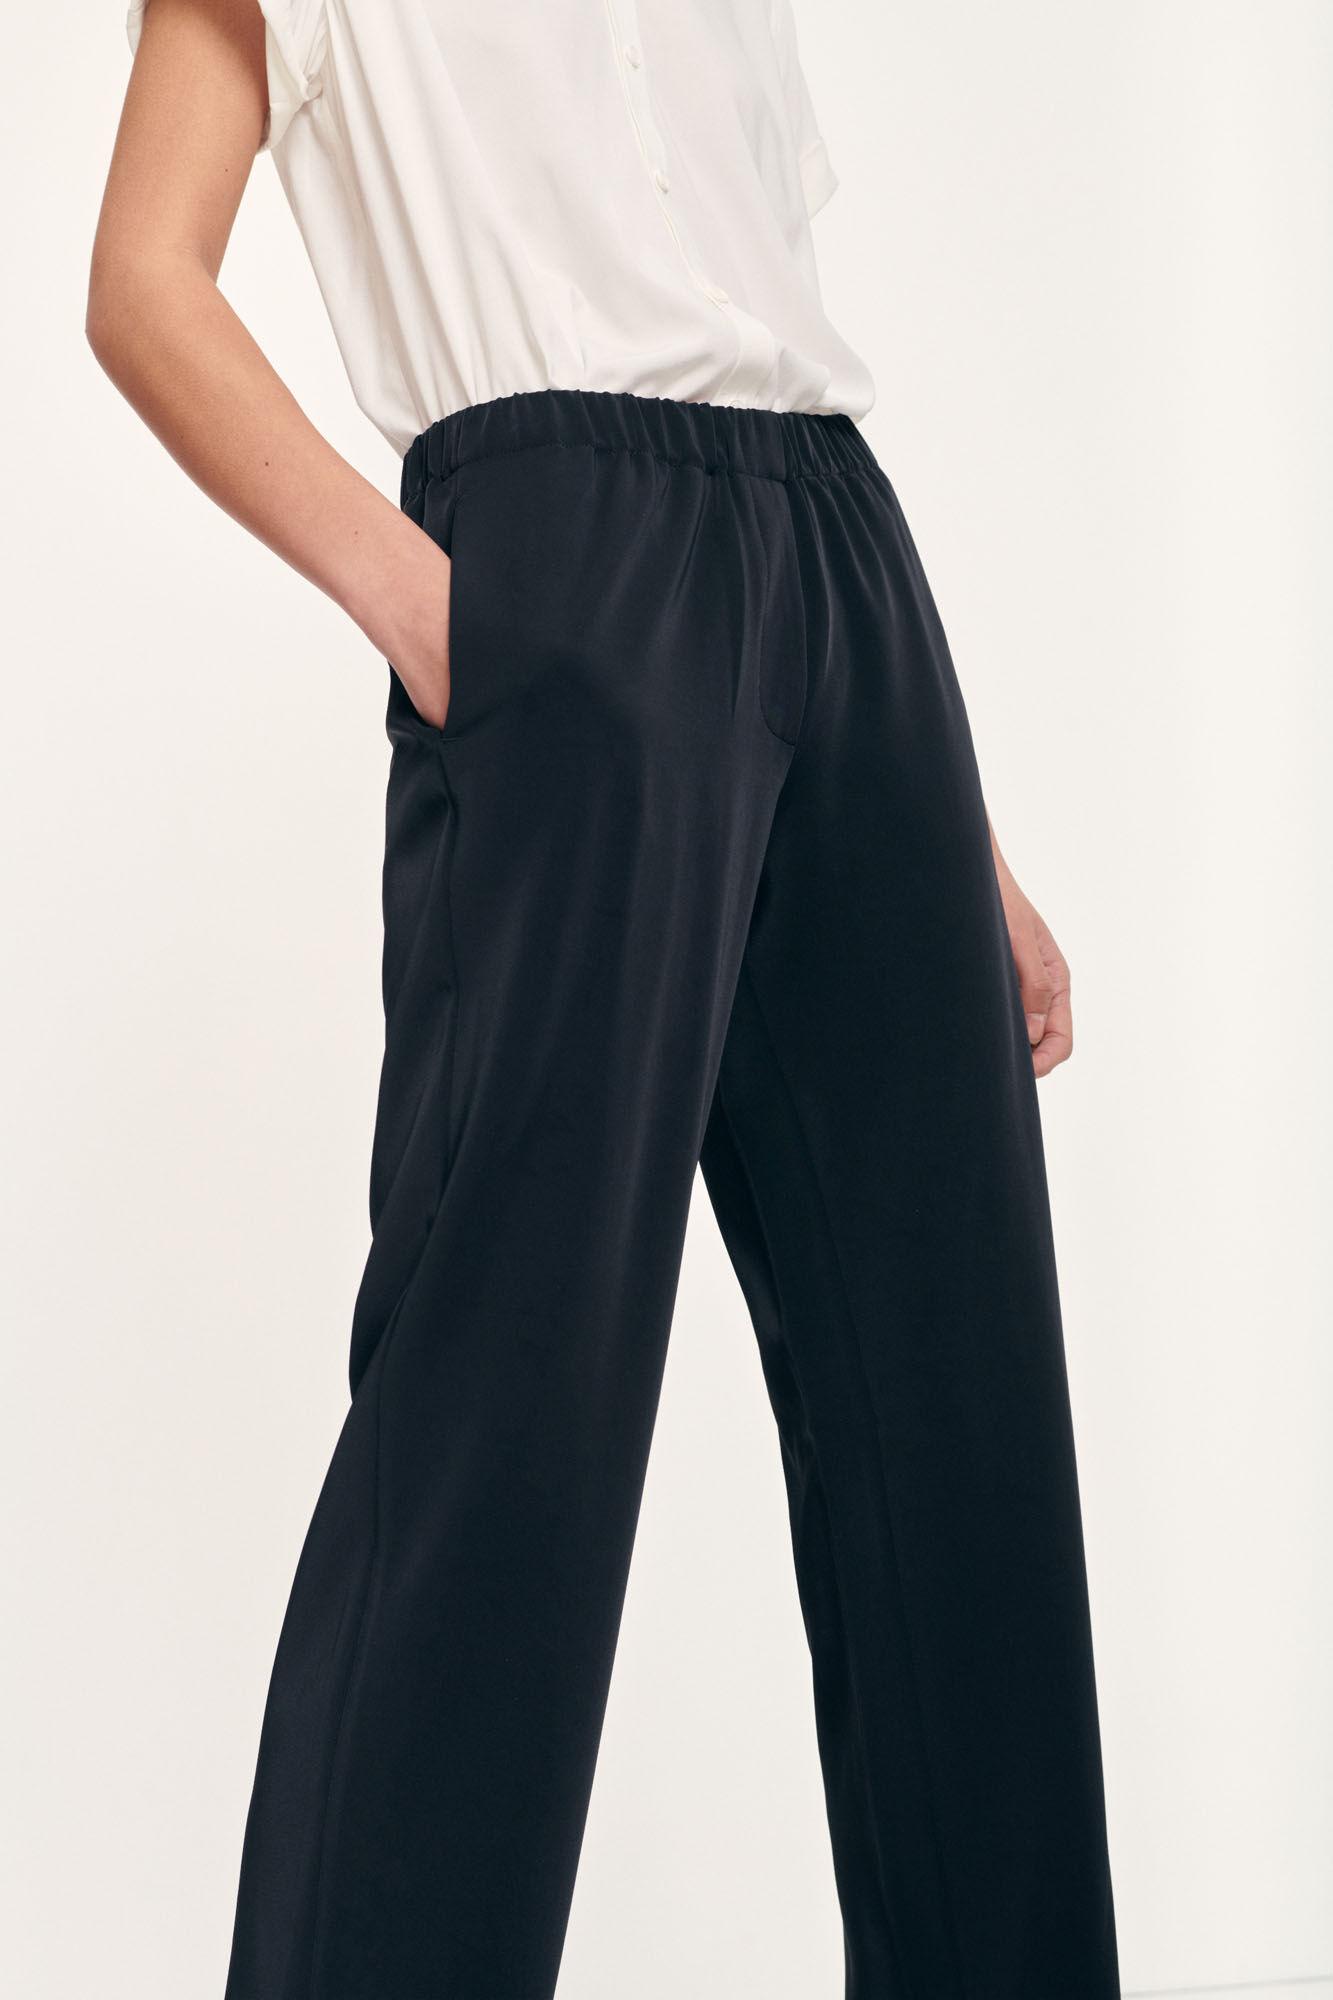 Samsøe Samsøe Hoys 7331 straight pants, black, medium